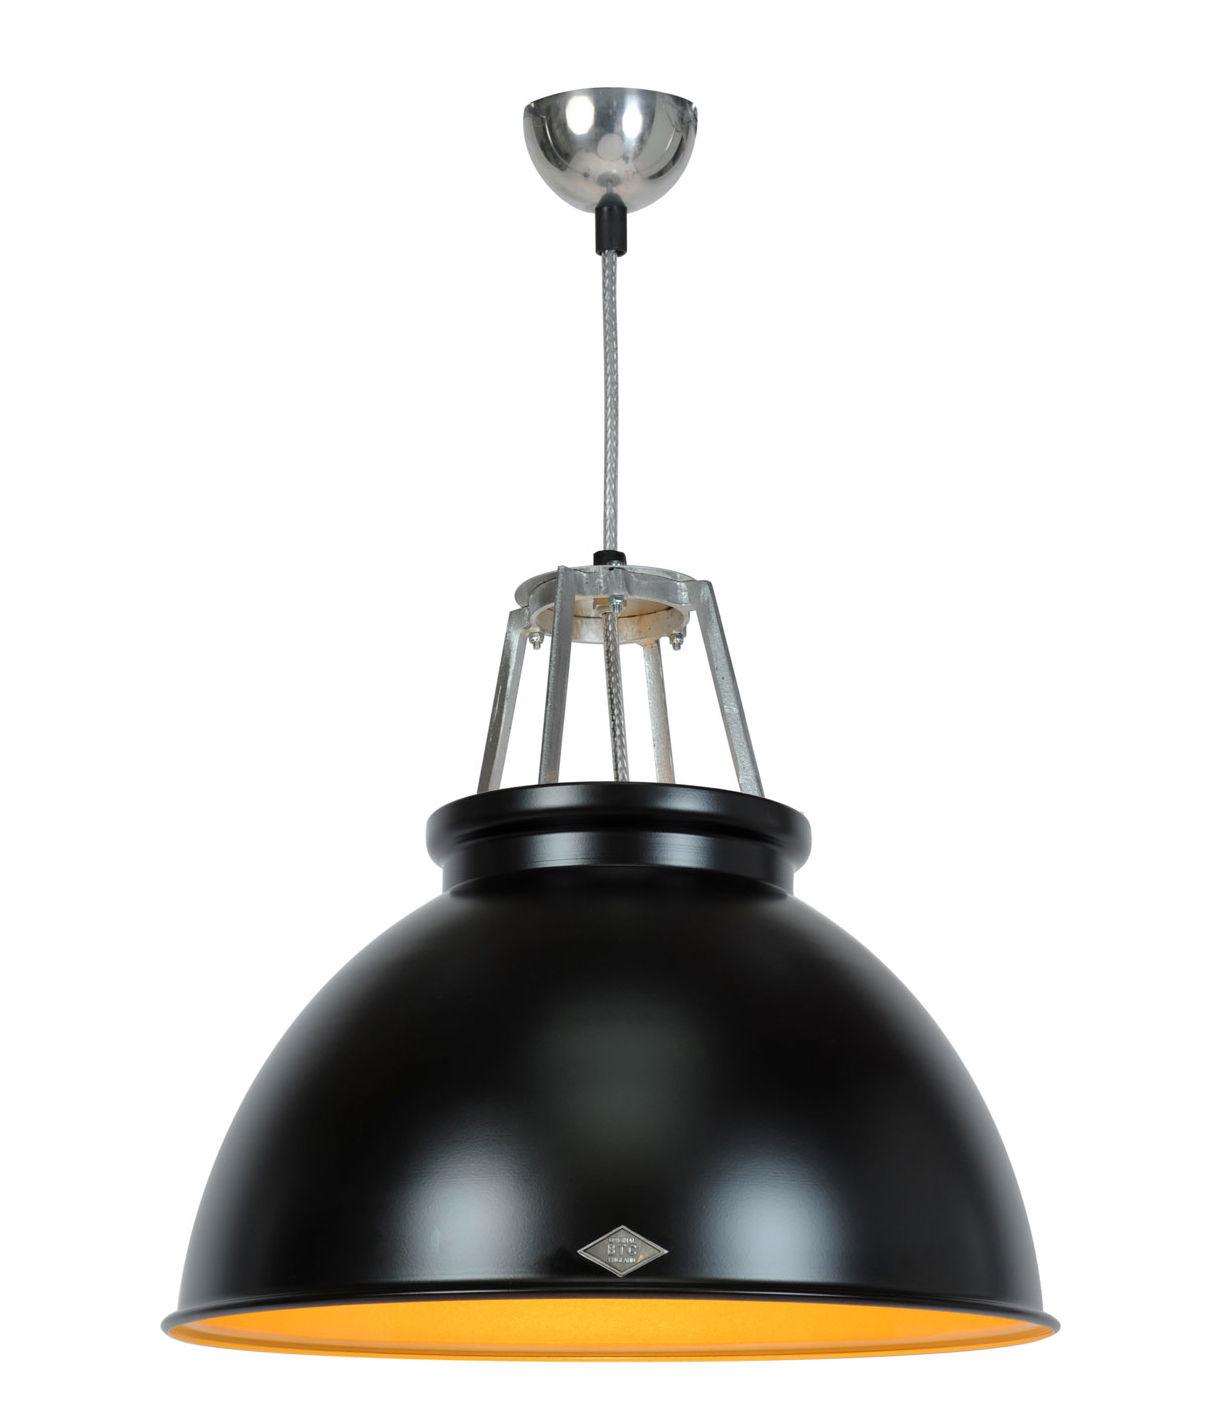 Illuminazione - Lampadari - Sospensione Titan 3 - / Metallo - Ø 45,5 x H 42 cm di Original BTC - nero / interno bronzo - Alluminio